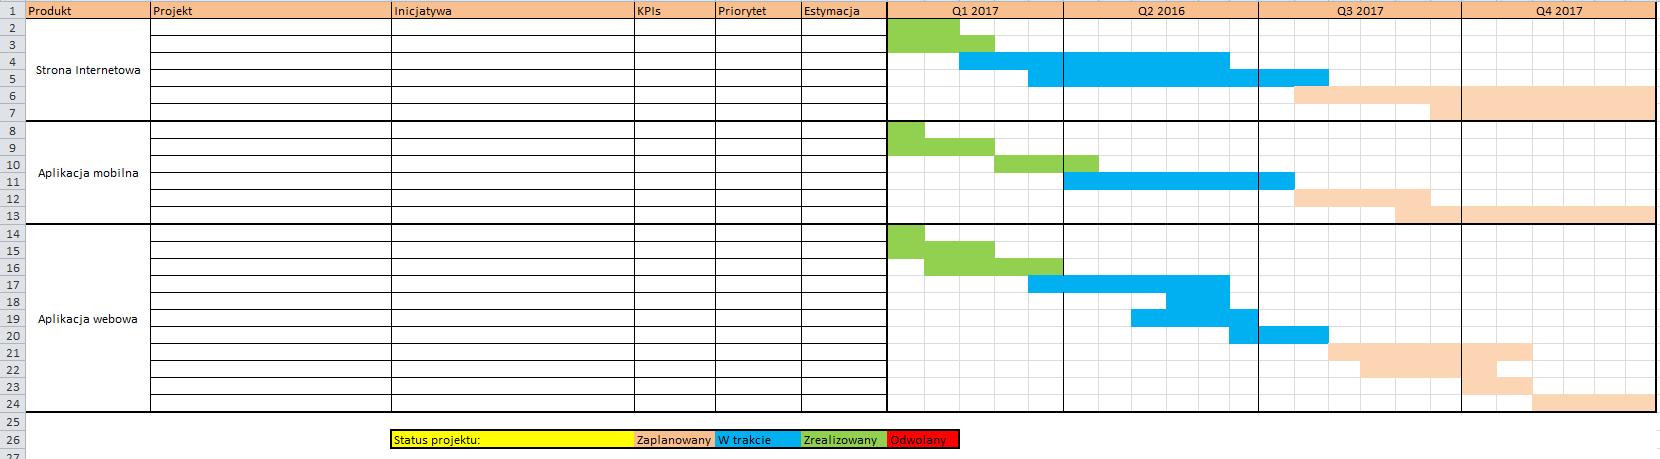 Roadmapa zorientowana na projekty, z podziałem na produkty